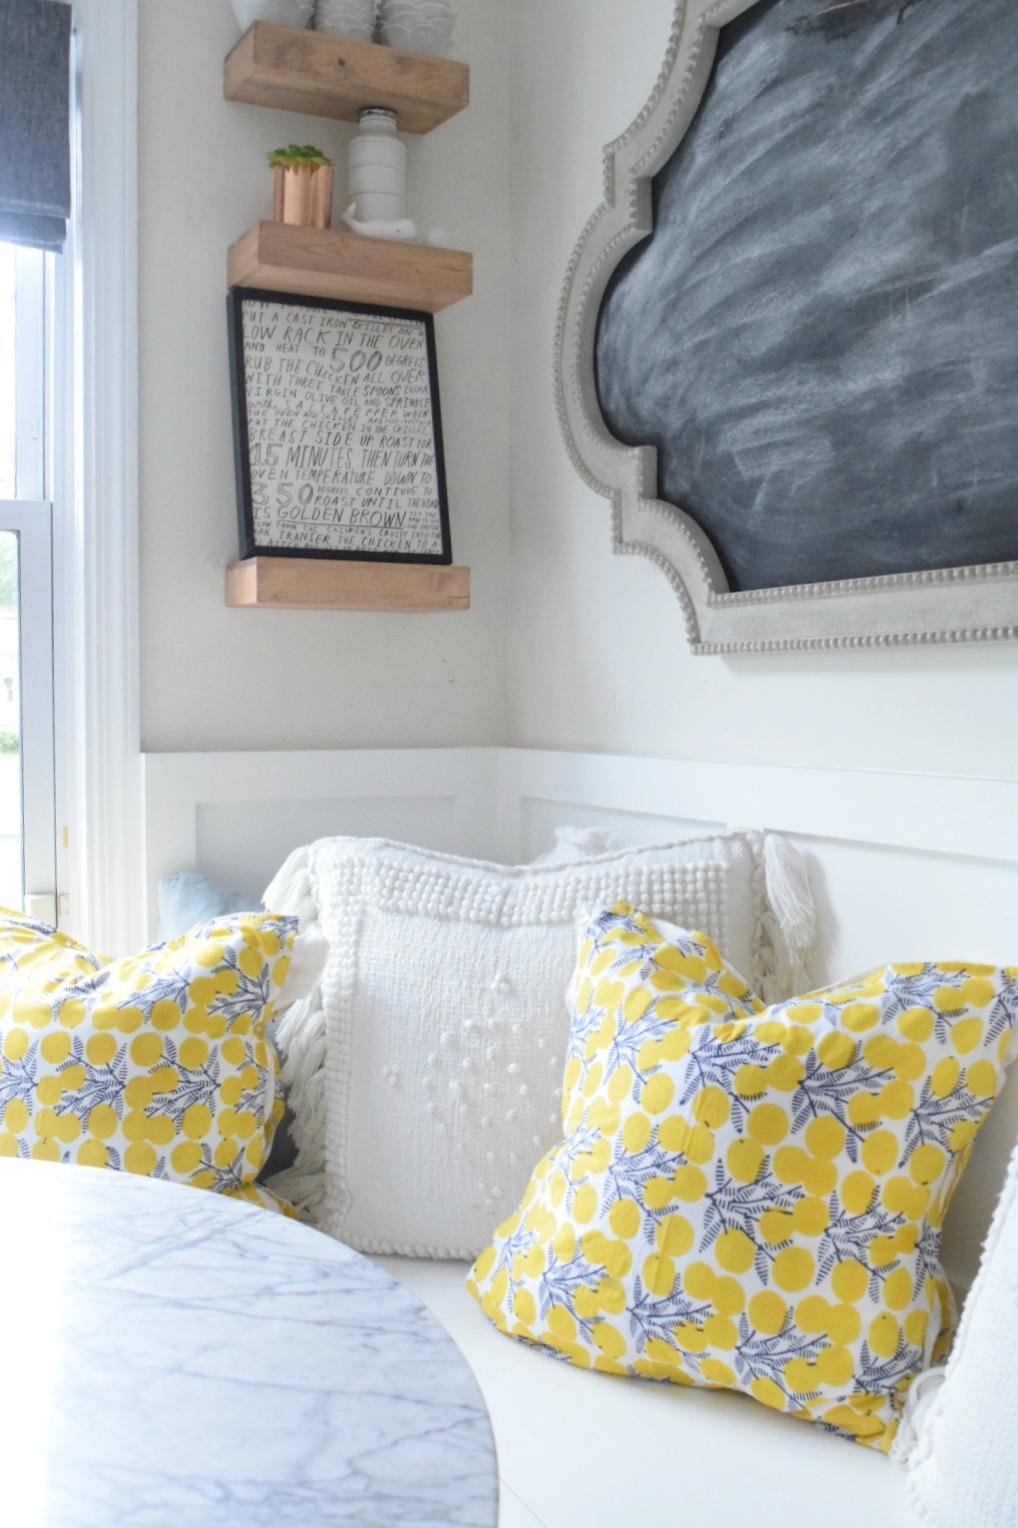 No Sew Pillows- Easy DIY pillows out of napkins & No Sew Pillows- Easy DIY - Nesting With Grace pillowsntoast.com